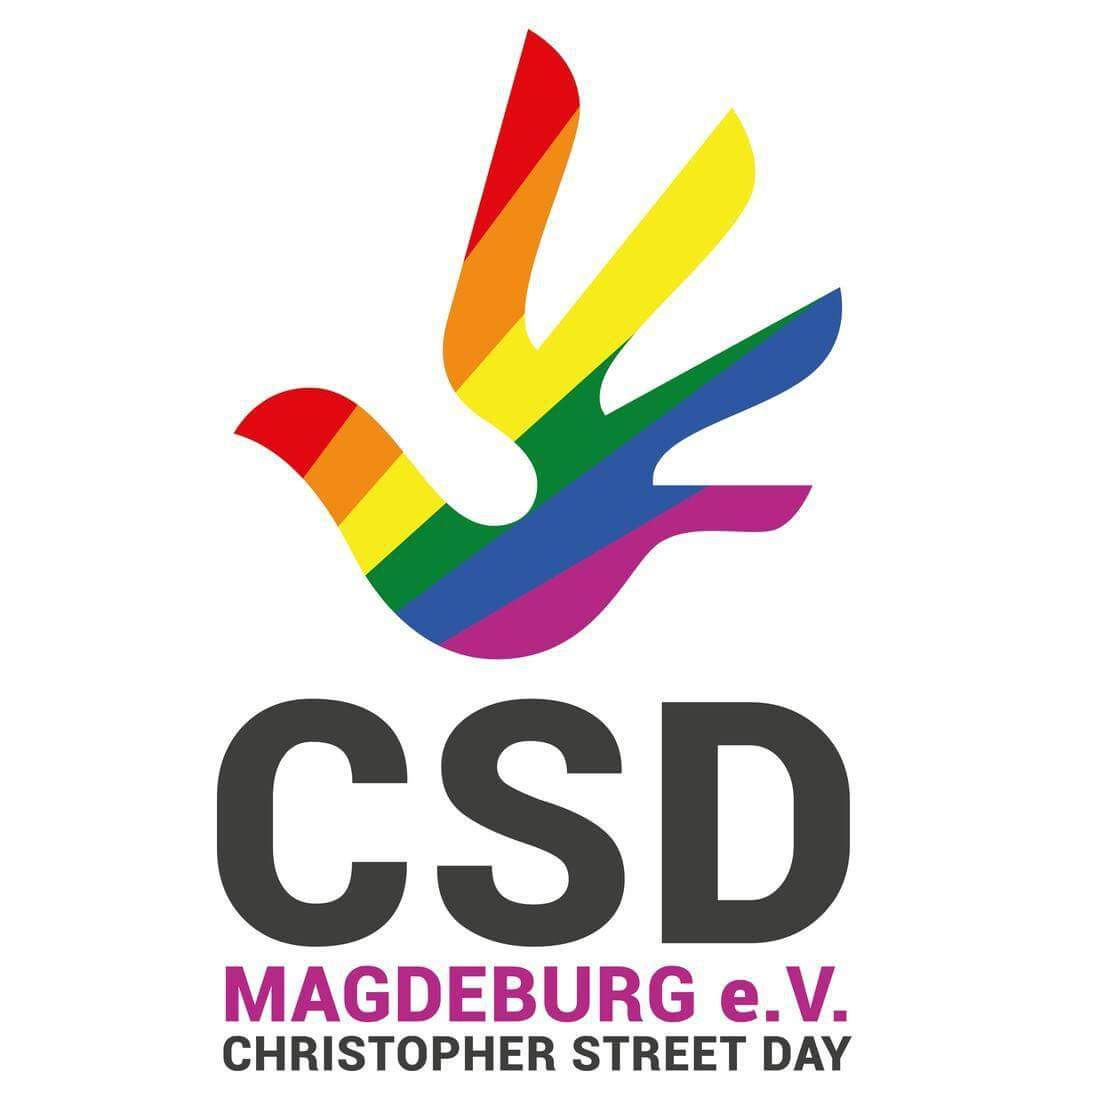 Gründung des CSD Magdeburg e.V.